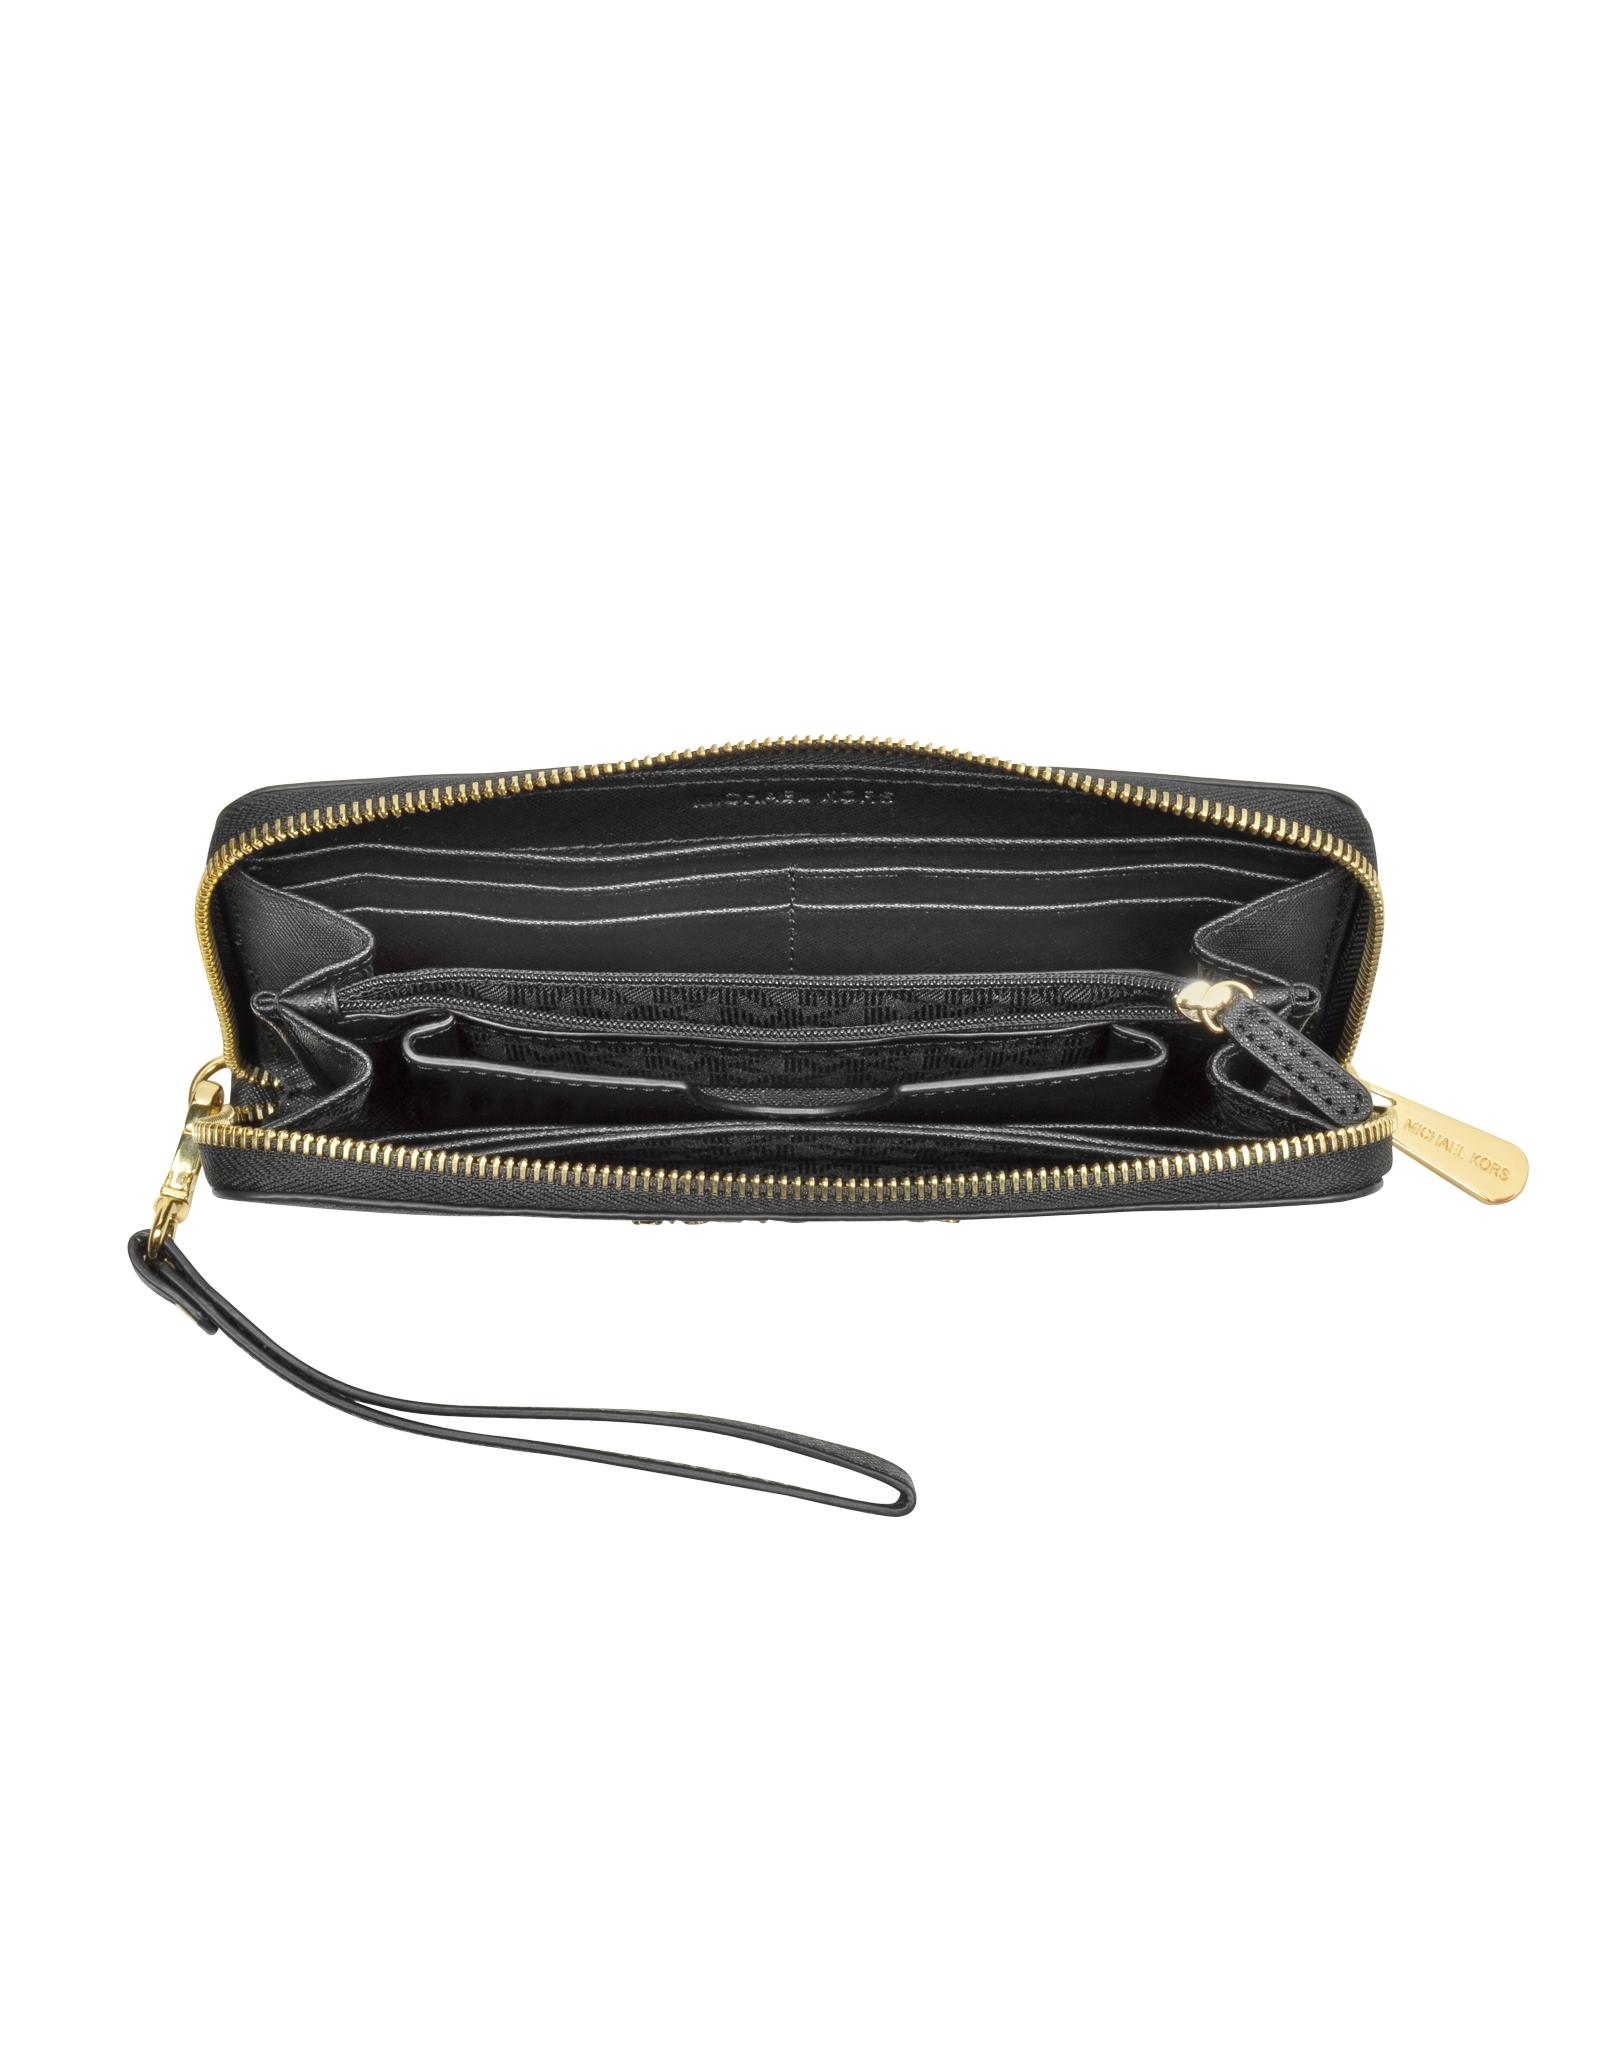 2c9ce368315187 Michael Kors Jet Set Travel Black Saffiano Leather Tech Continental ...